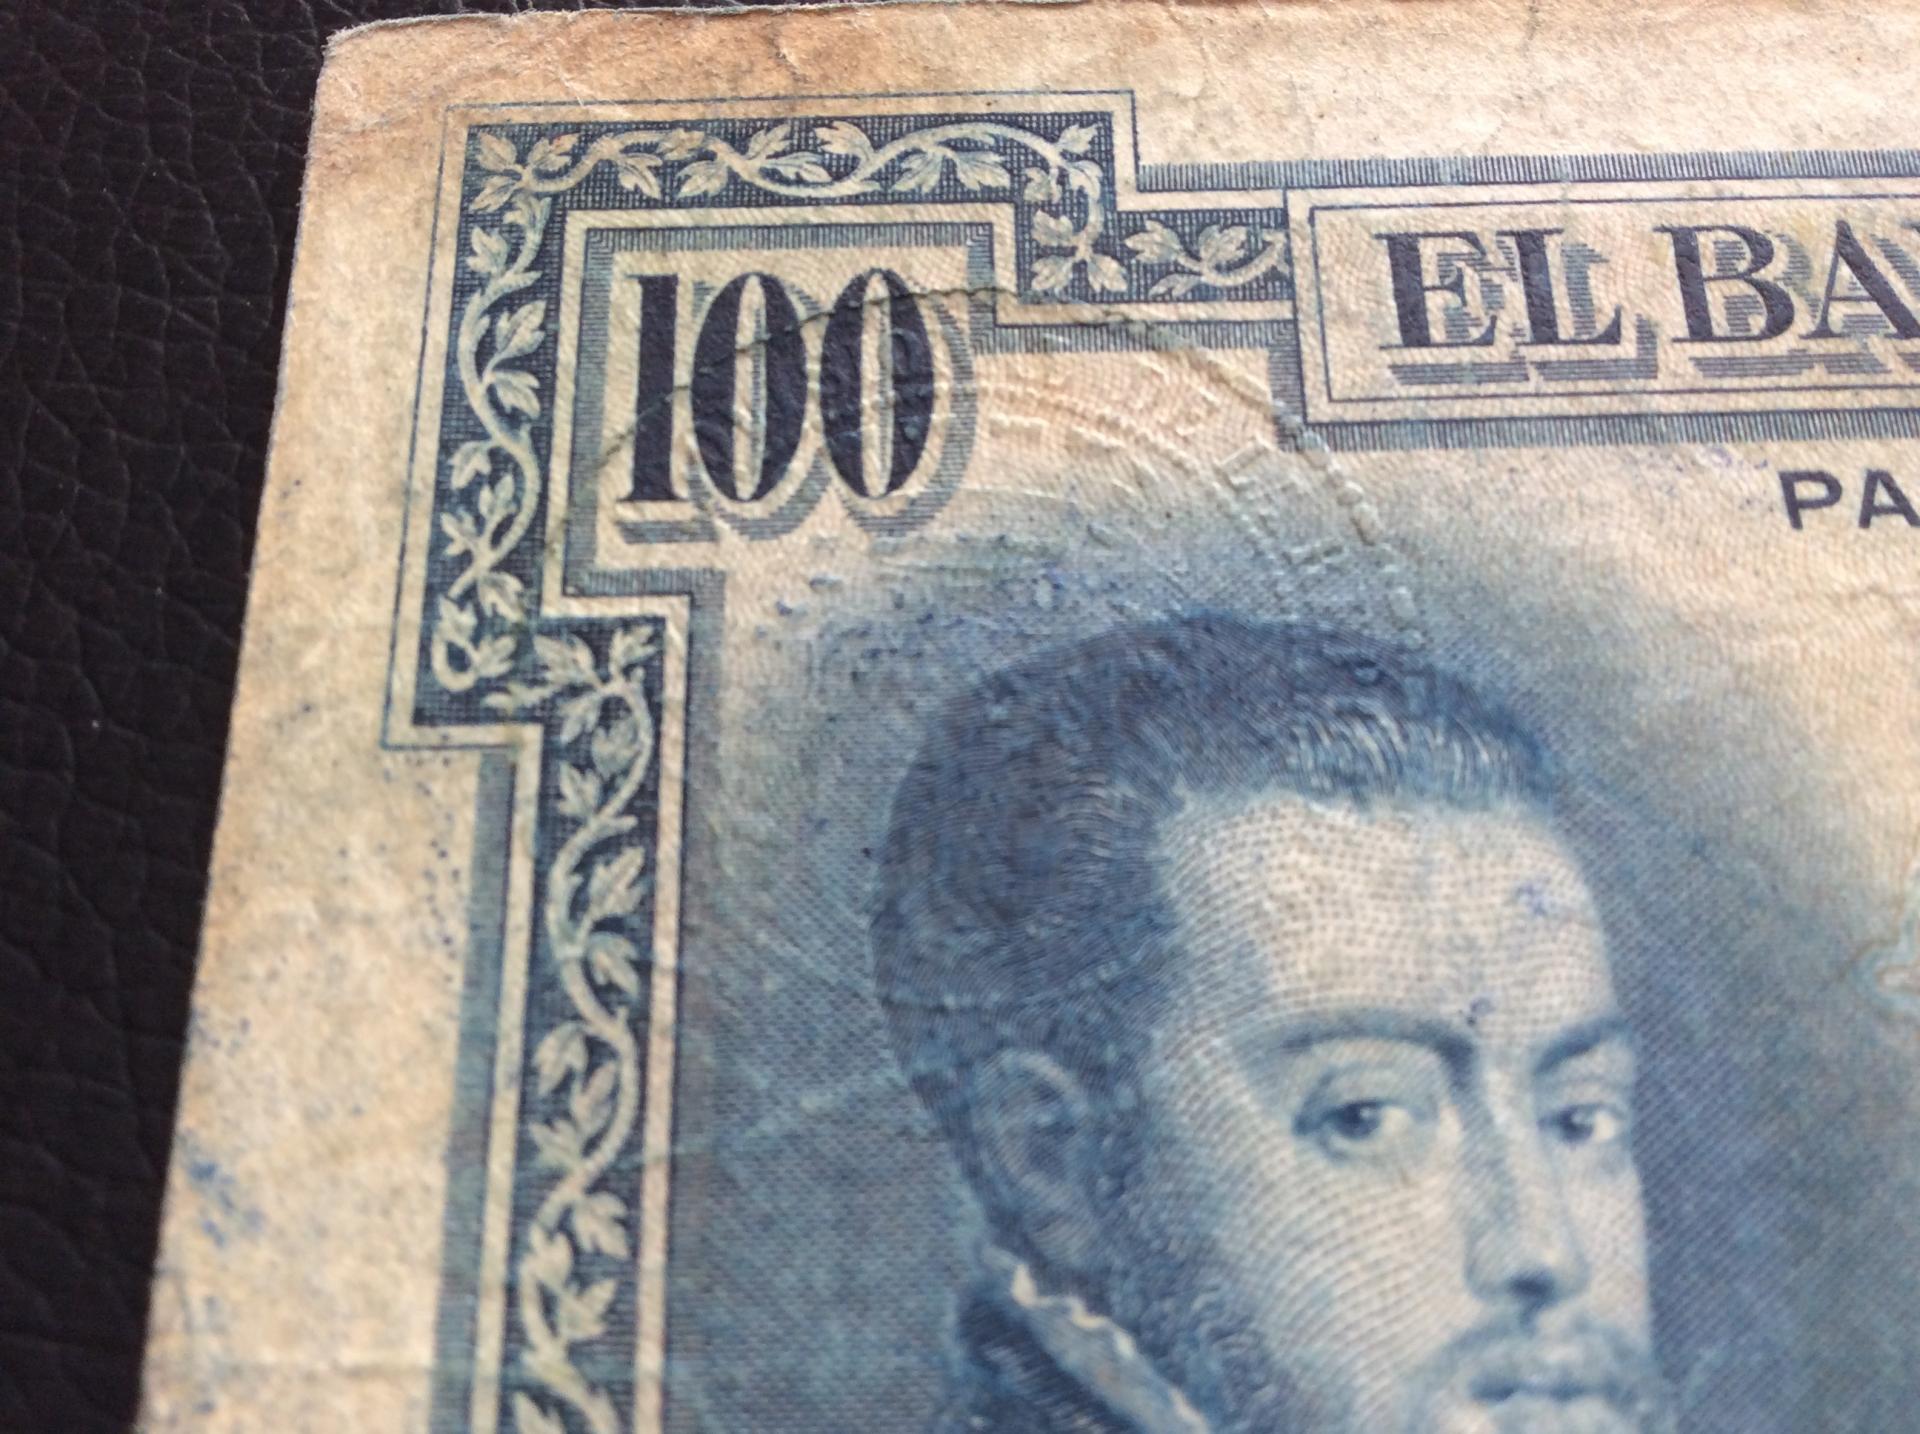 100 PESETAS 1925 - SELLO EN SECO DEL GOBIERNO PROVISIONAL DE LA REPUBLICA - FELIPE II